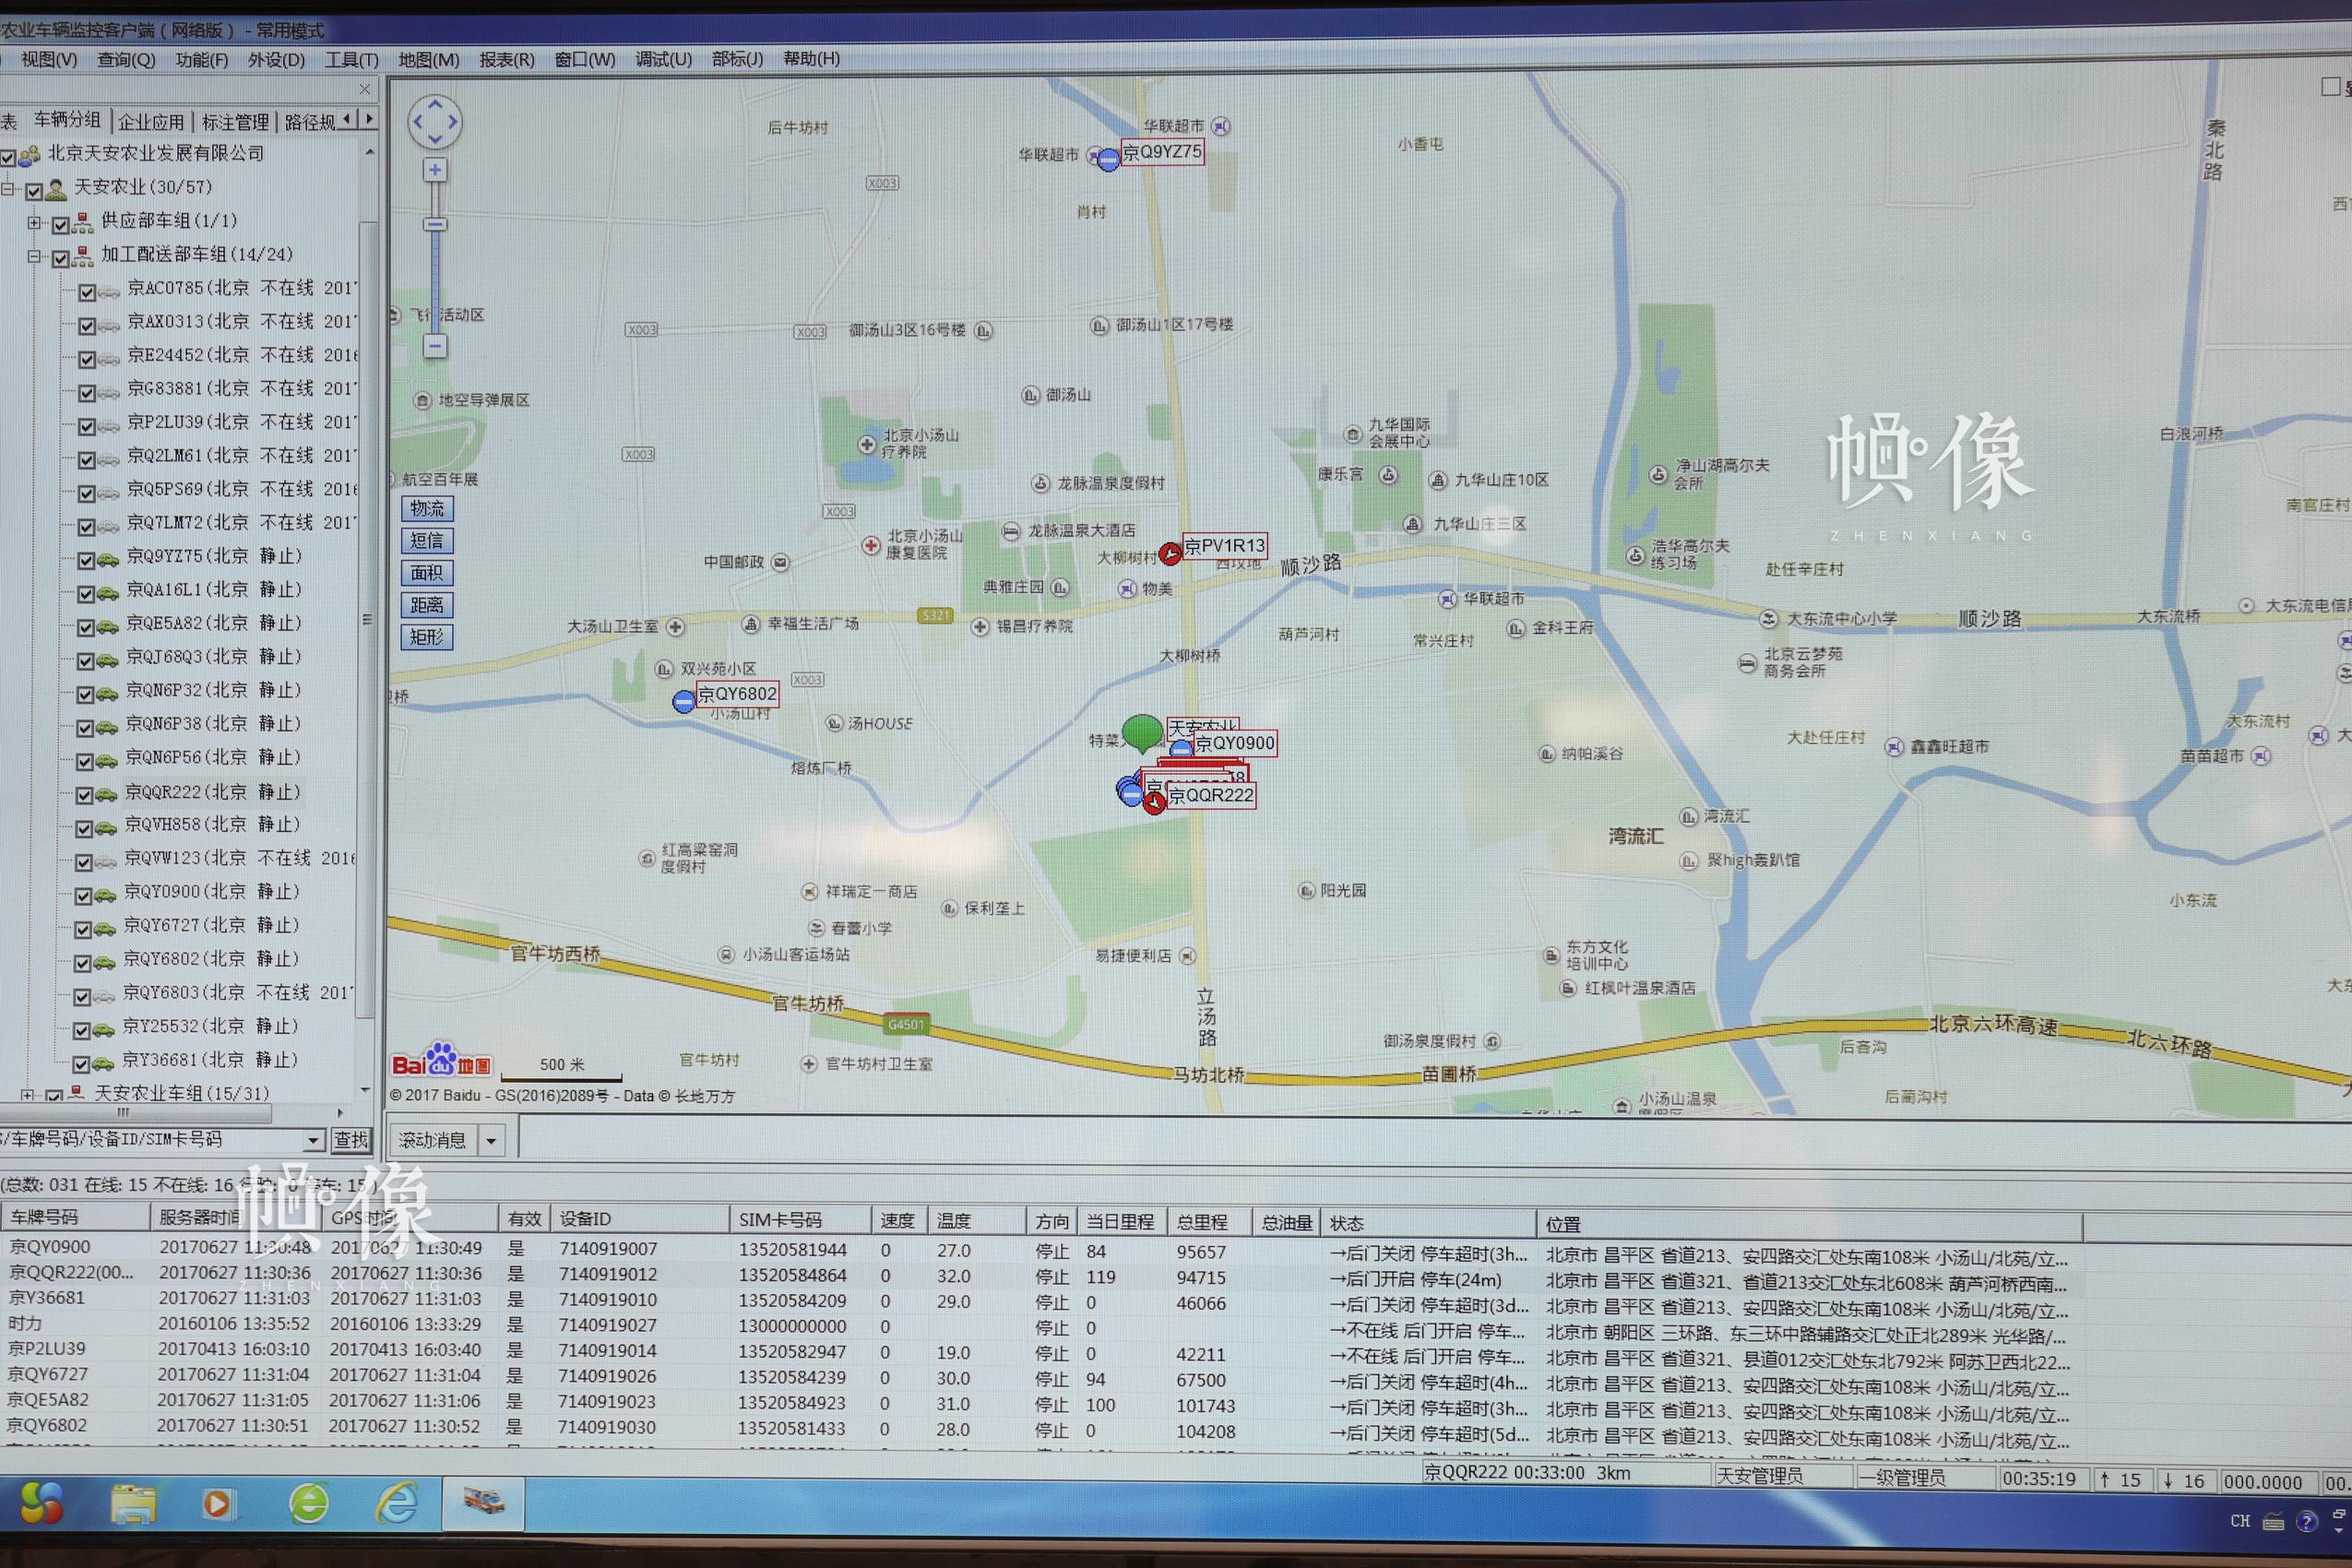 图为北京天安农业小汤山特菜基地送菜车辆监控系统屏幕。中国网记者 赵超 摄